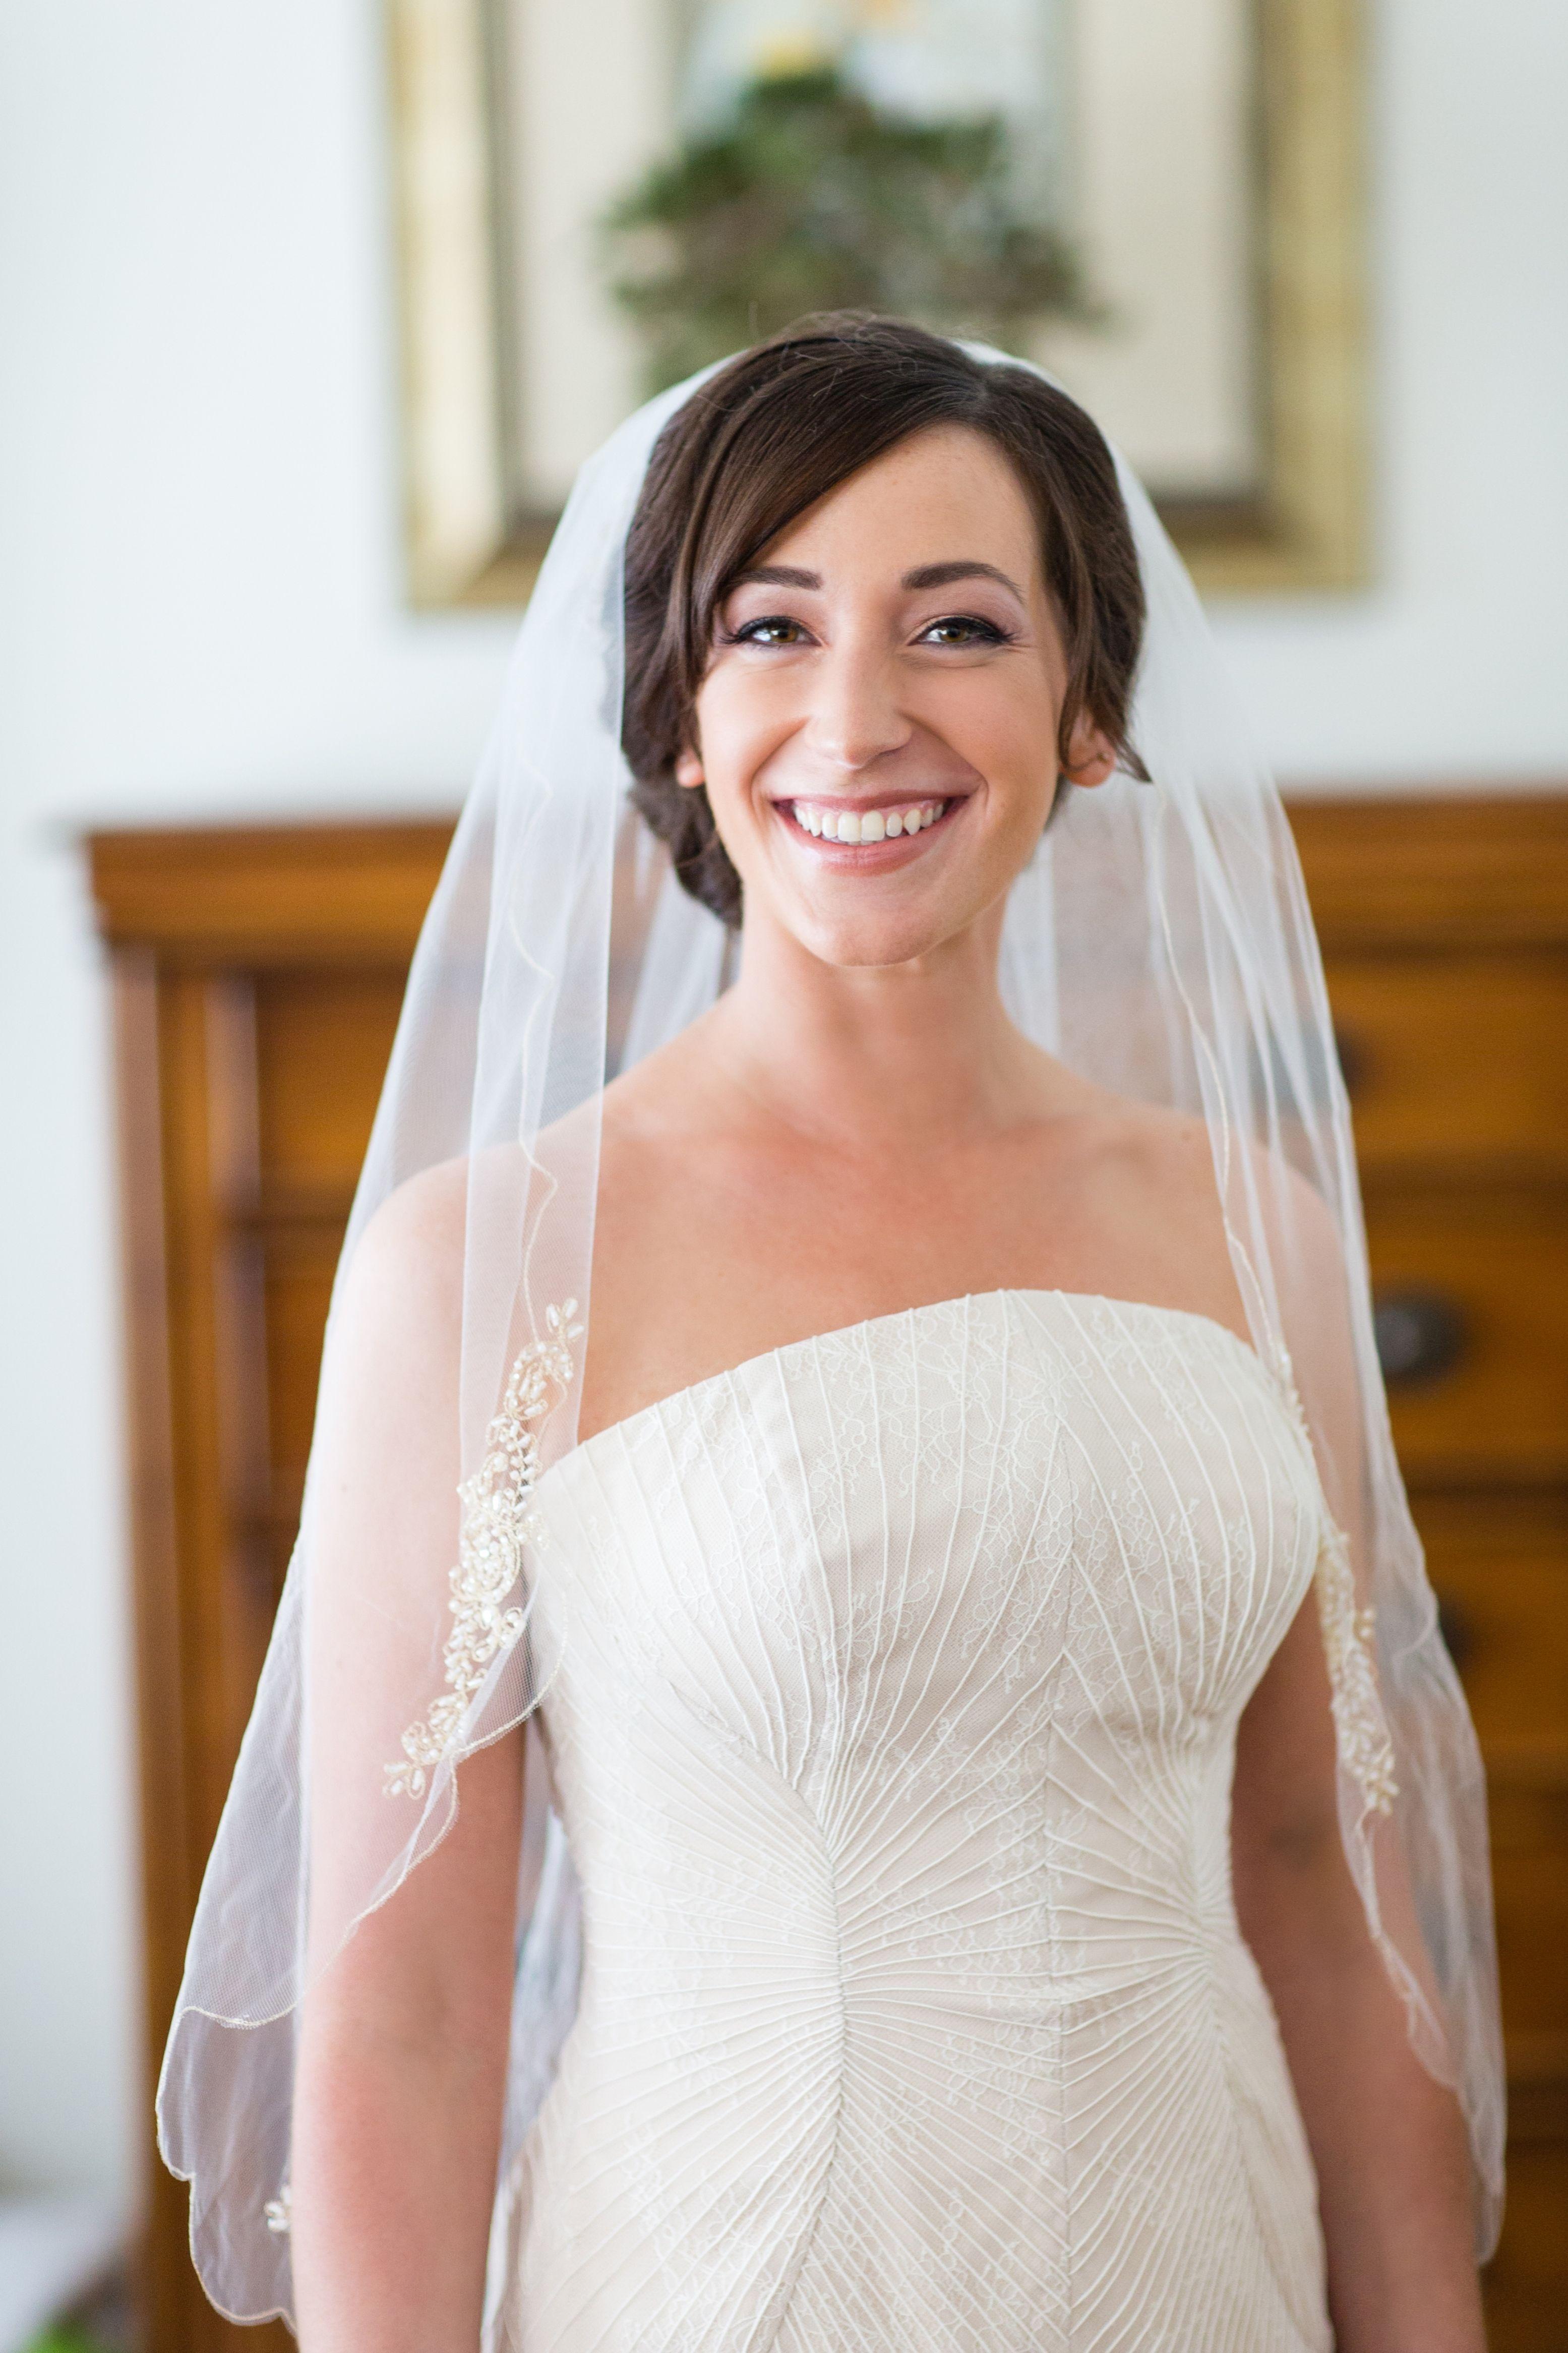 Beautiful bridal portrait photo by matt lusk photography